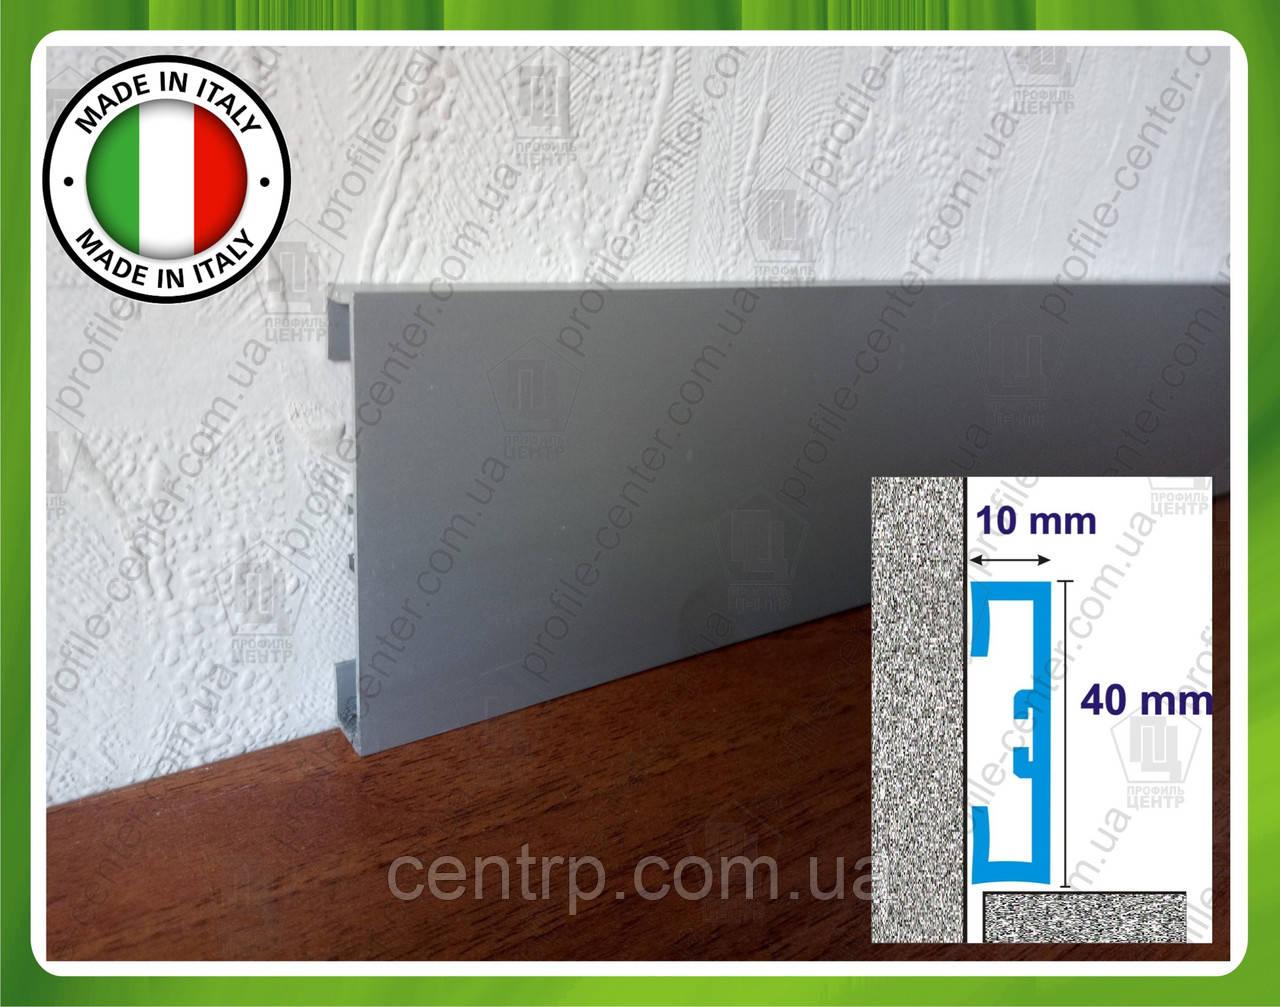 Квадратный алюминиевый плинтус Profilpas Metal Line 89/4 для пола, высота 40 мм